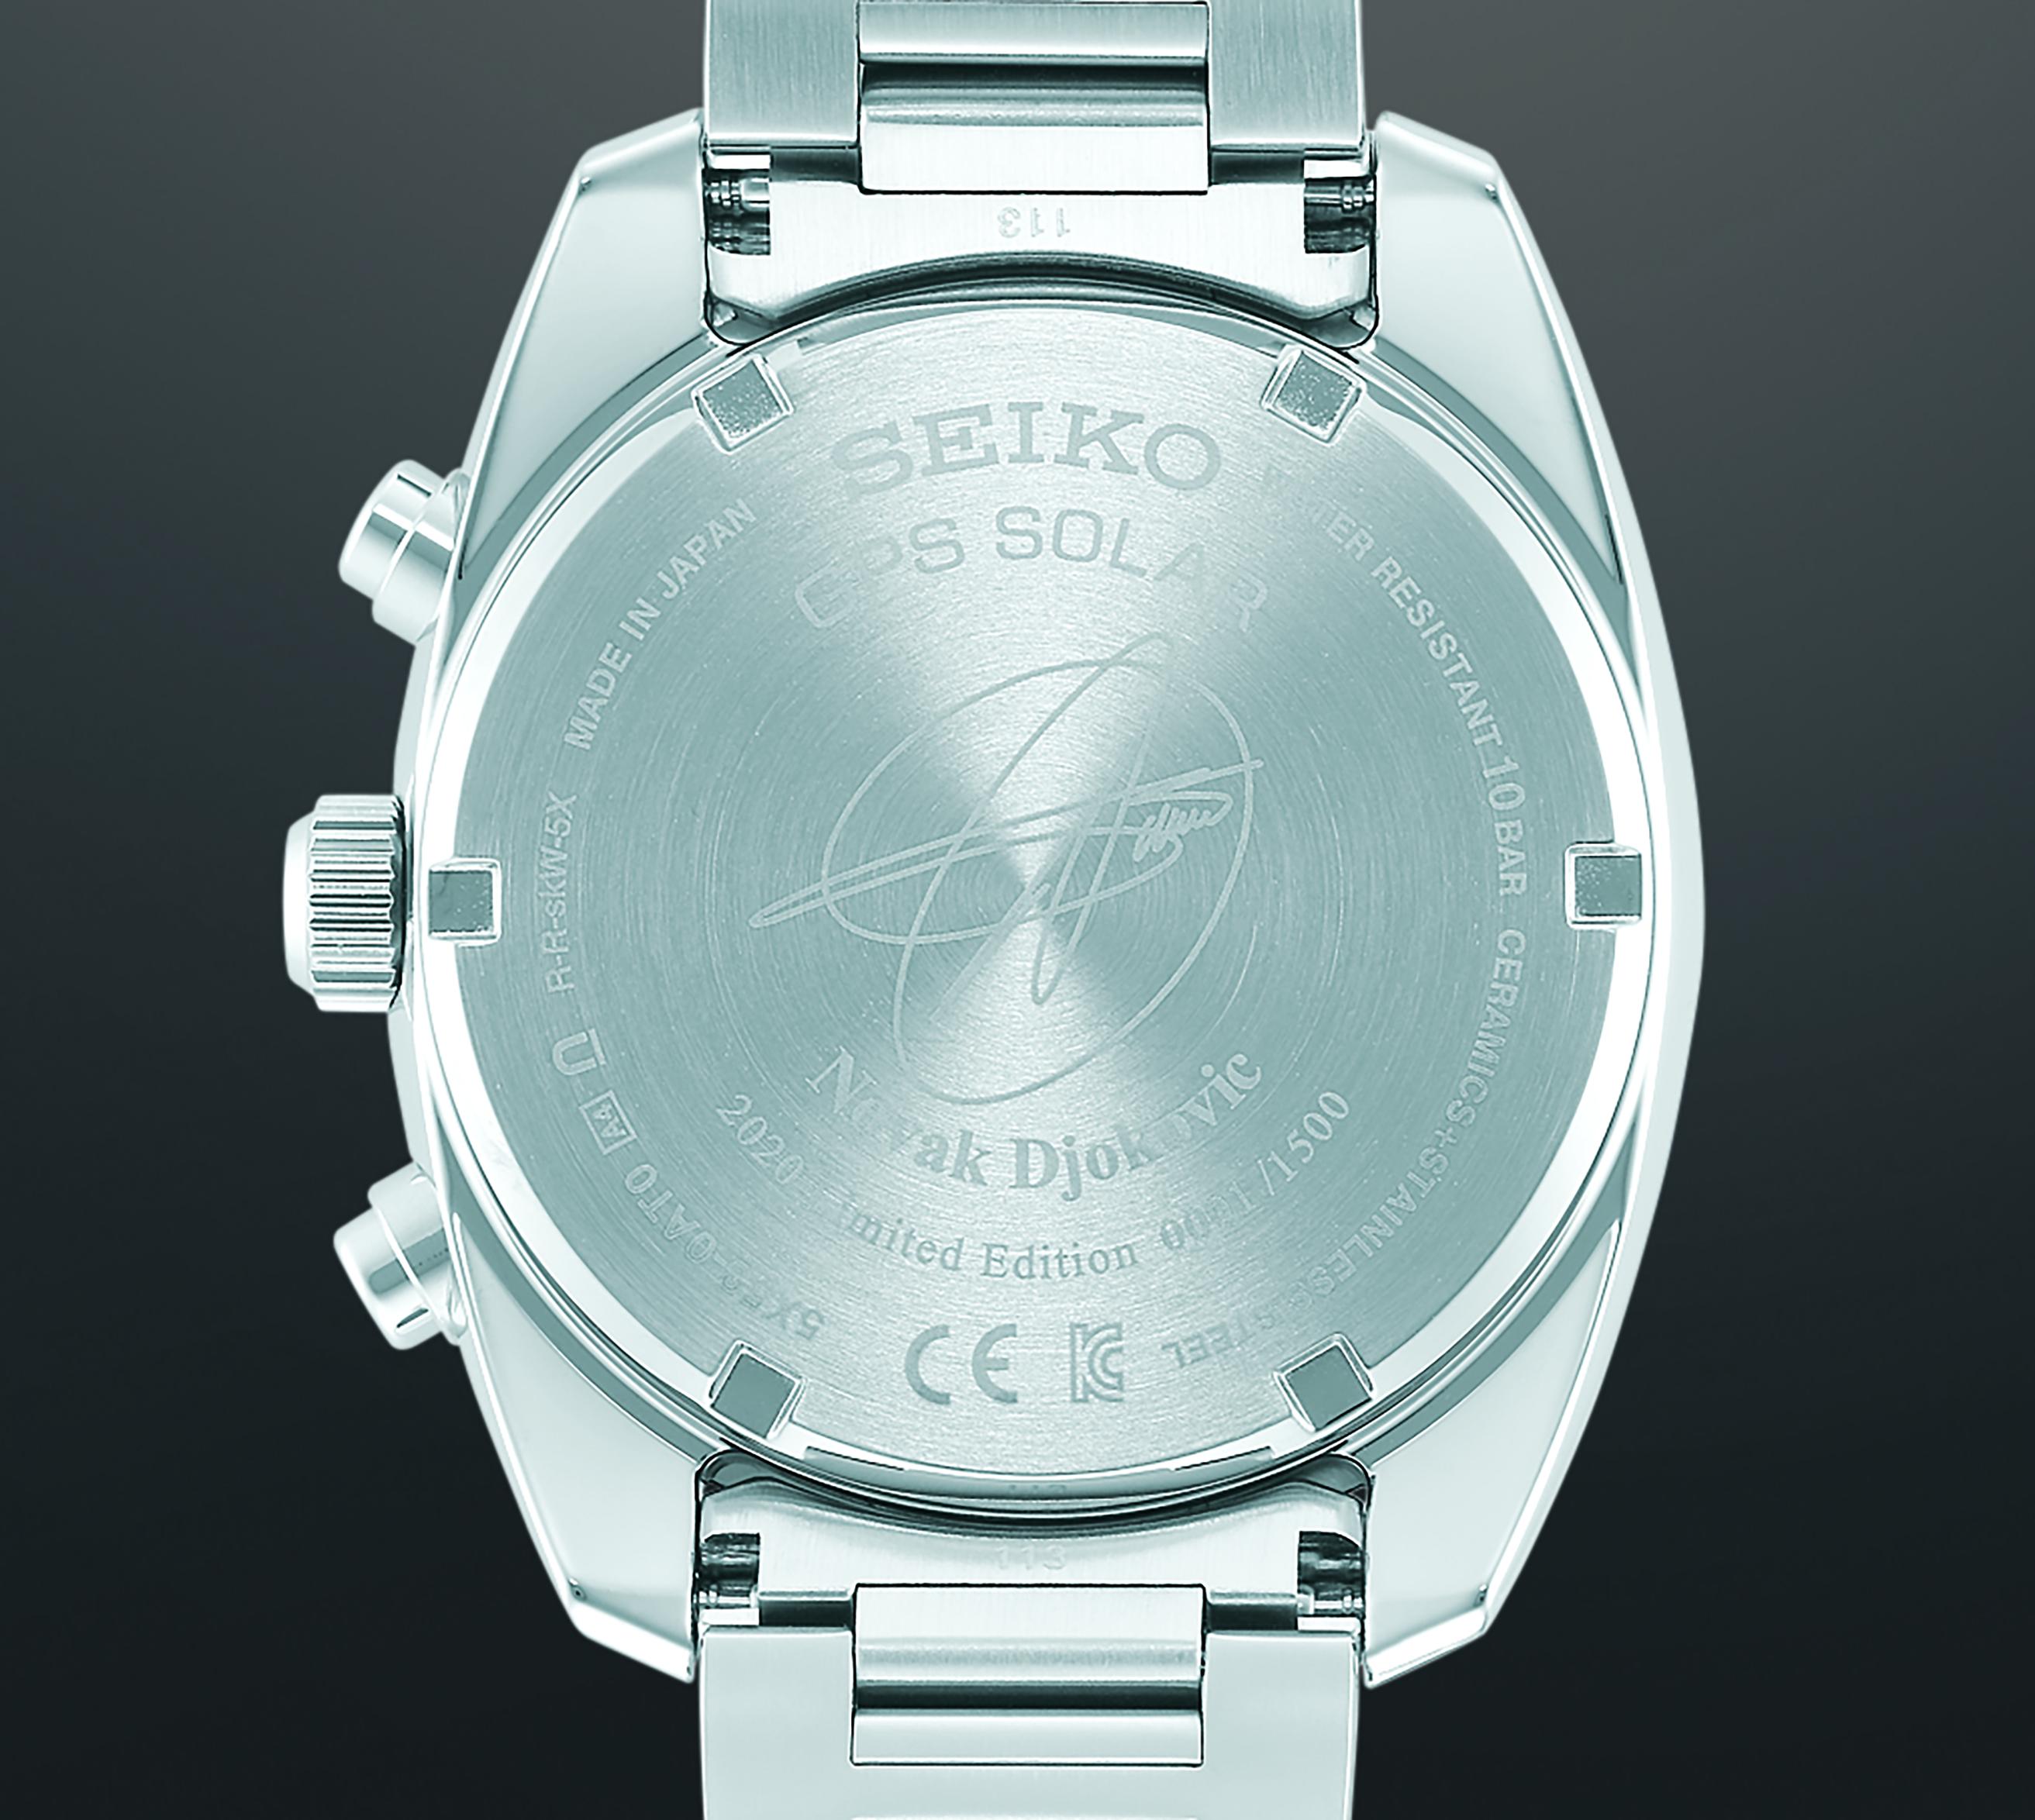 Het achterdeksel met Novak's handtekening en het individuele serienummer van het horloge.